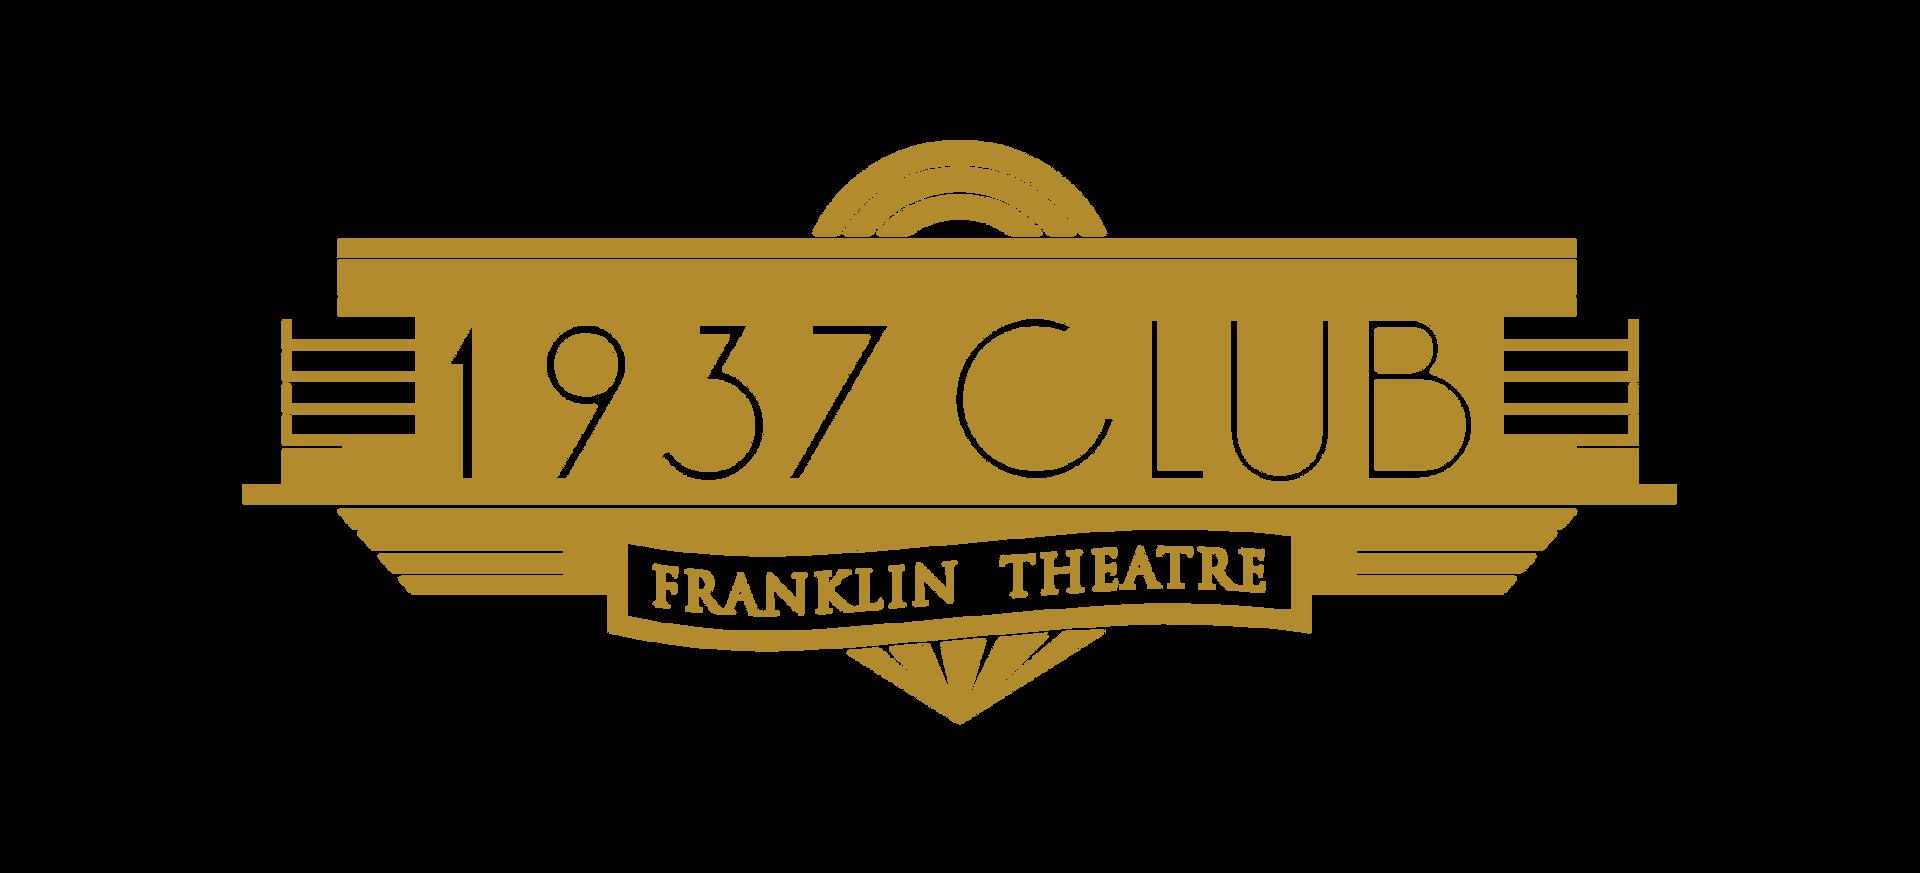 1937logo.png